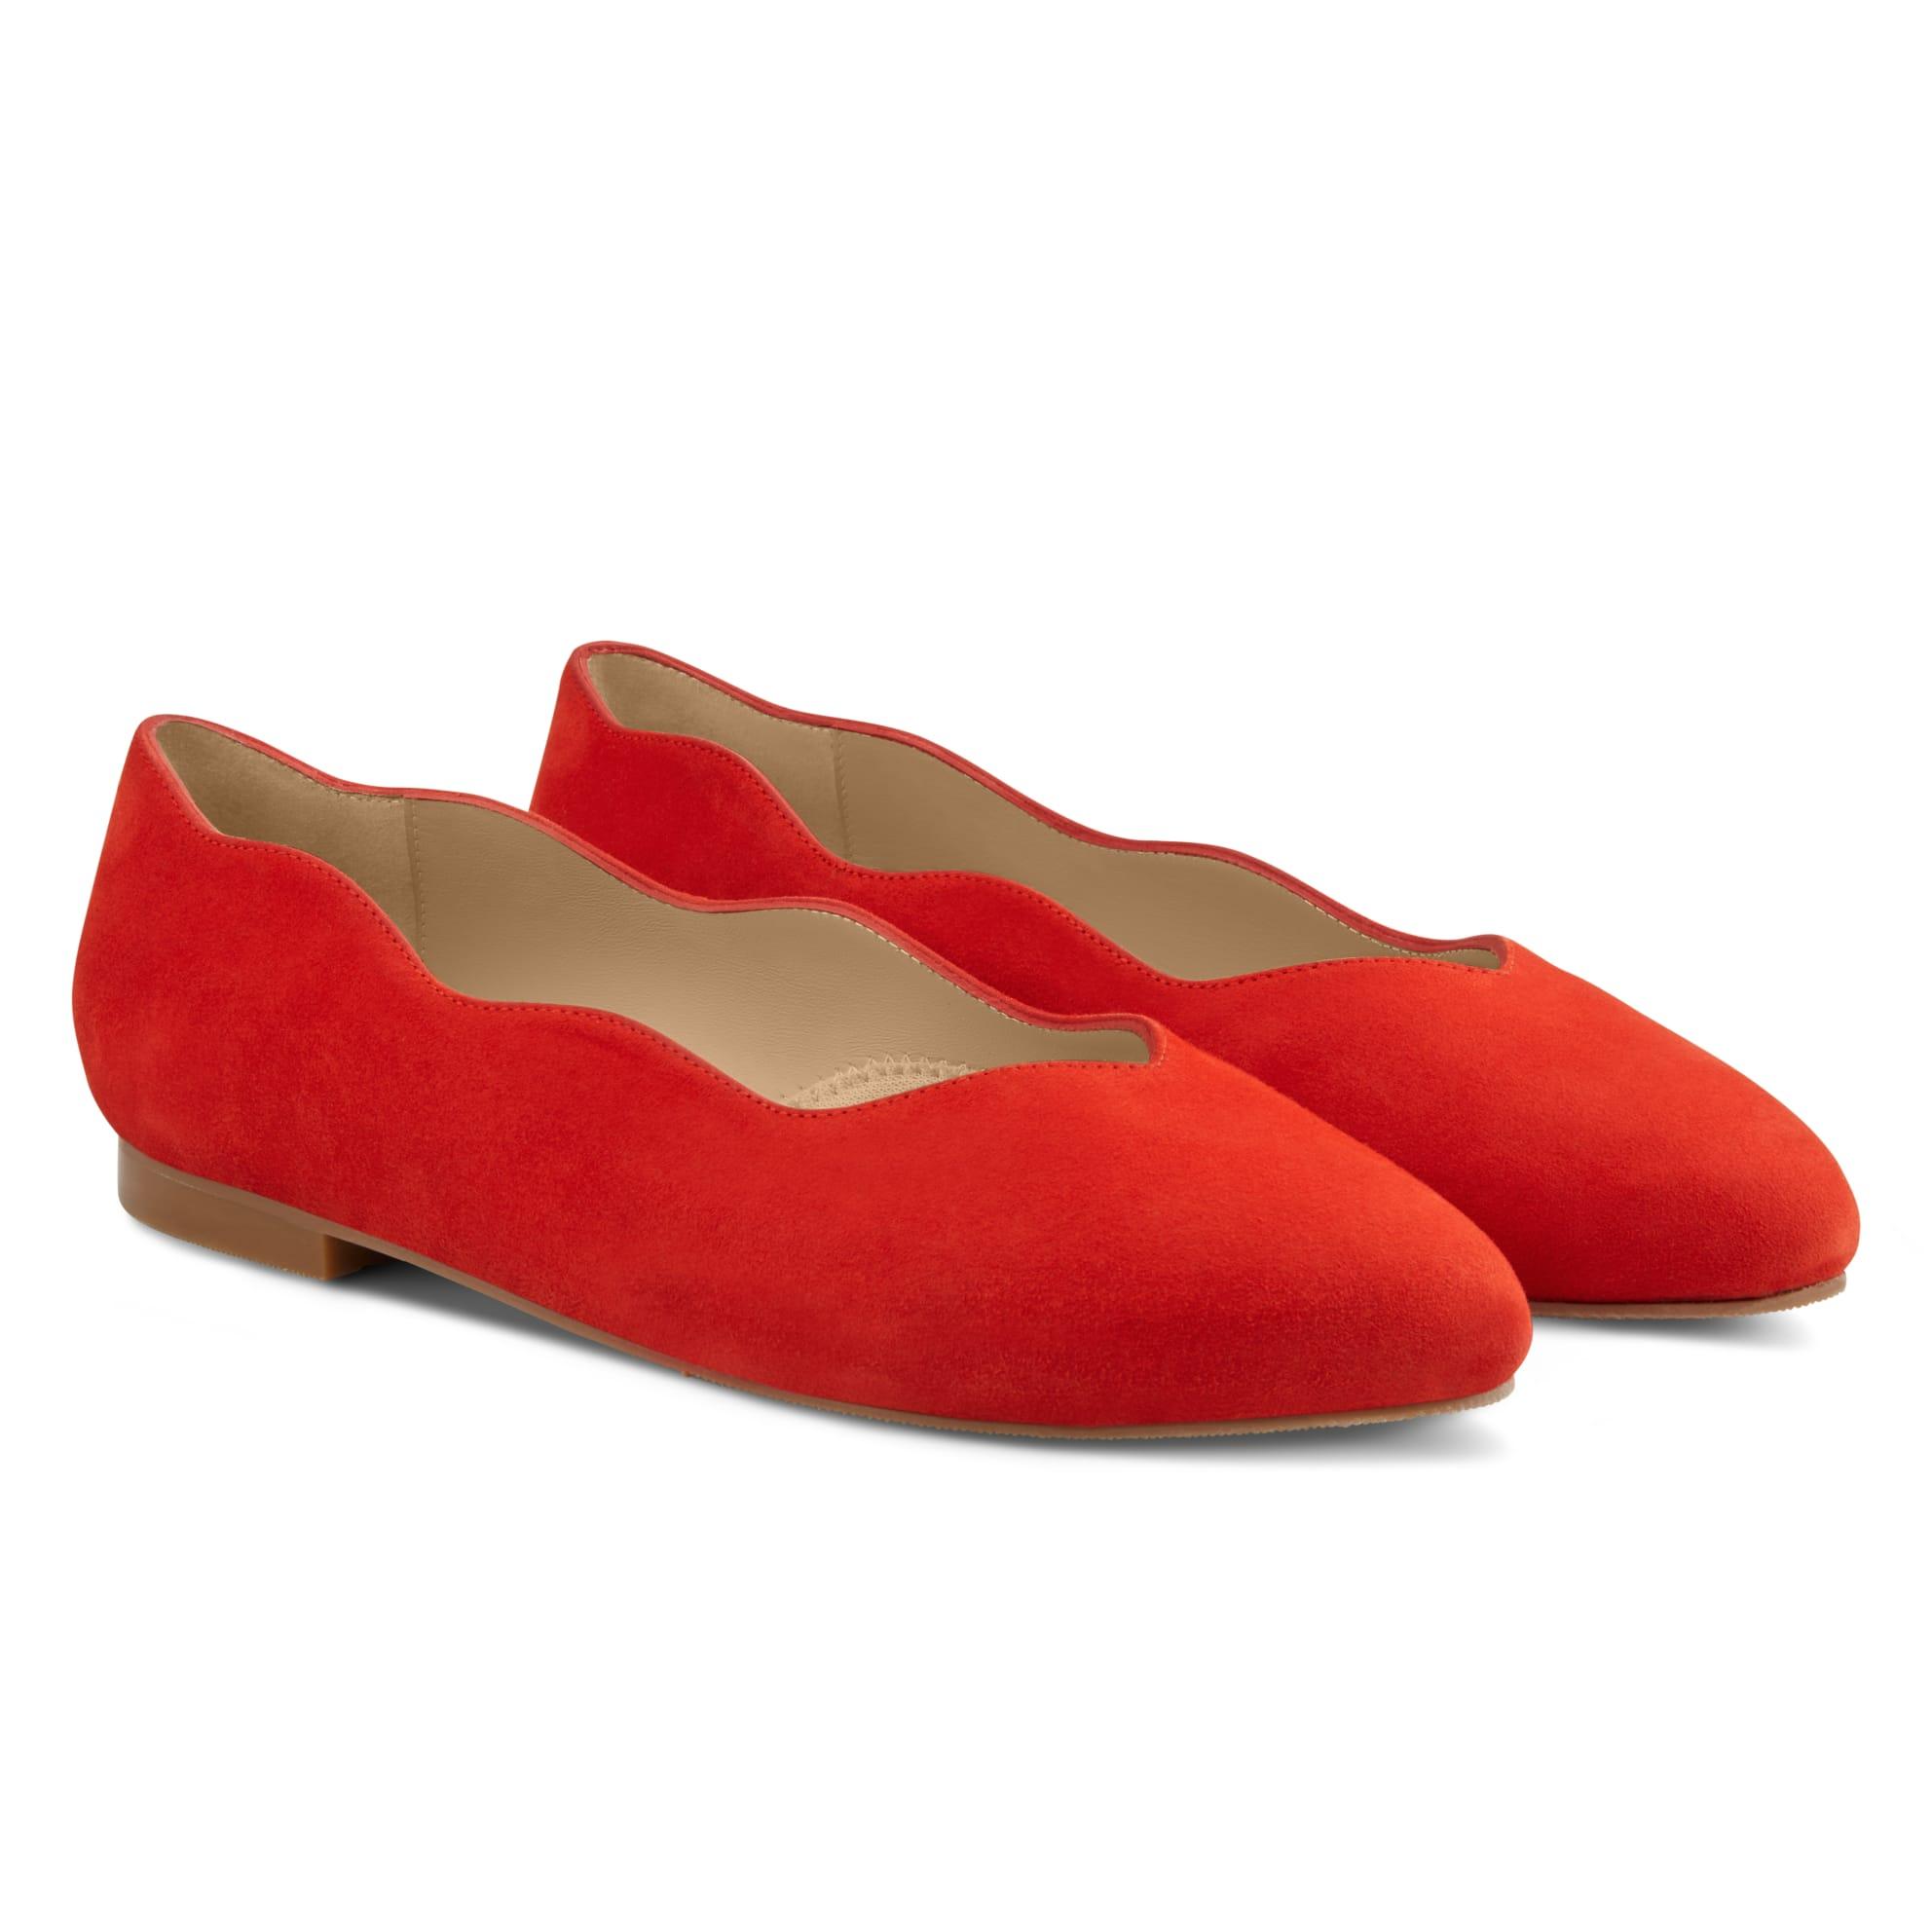 Ballerina Wave Rot – modischer und bequemer Schuh für Hallux valgus und empfindliche Füße von LaShoe.de